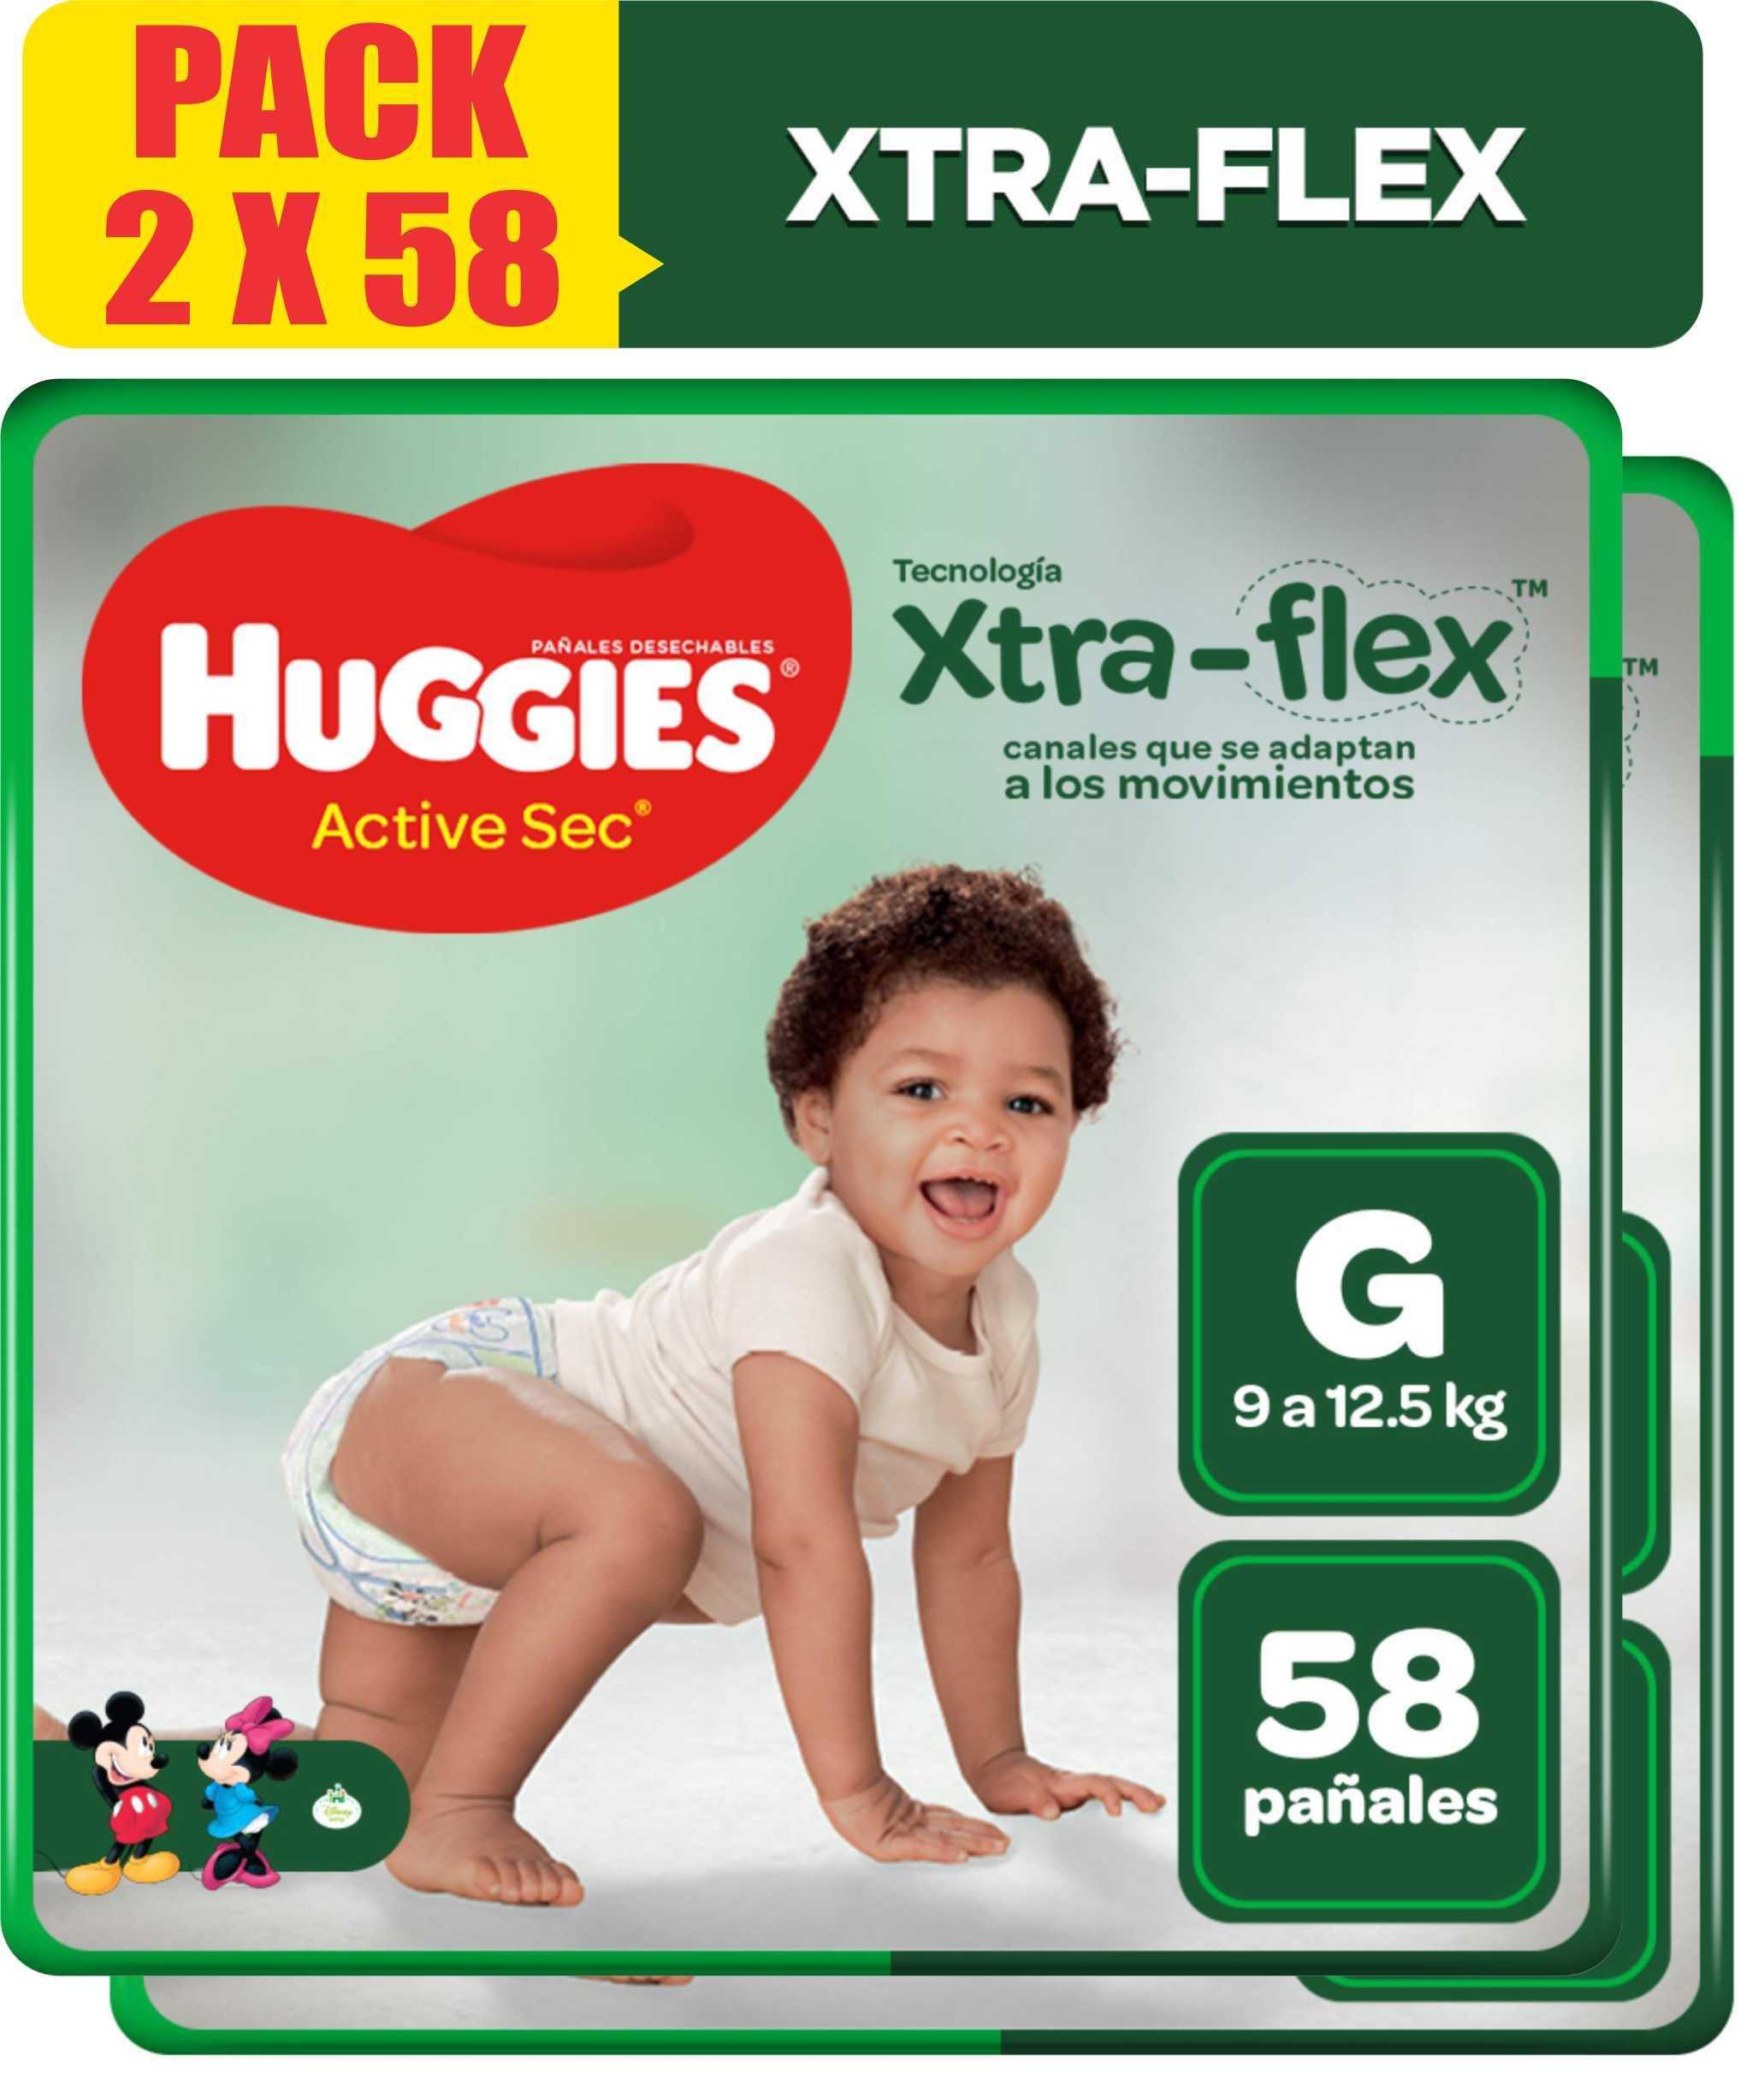 Pañales Huggies Active Sec Xtra Flex Talla G - Pack x 2 Bolsas de 58 UN